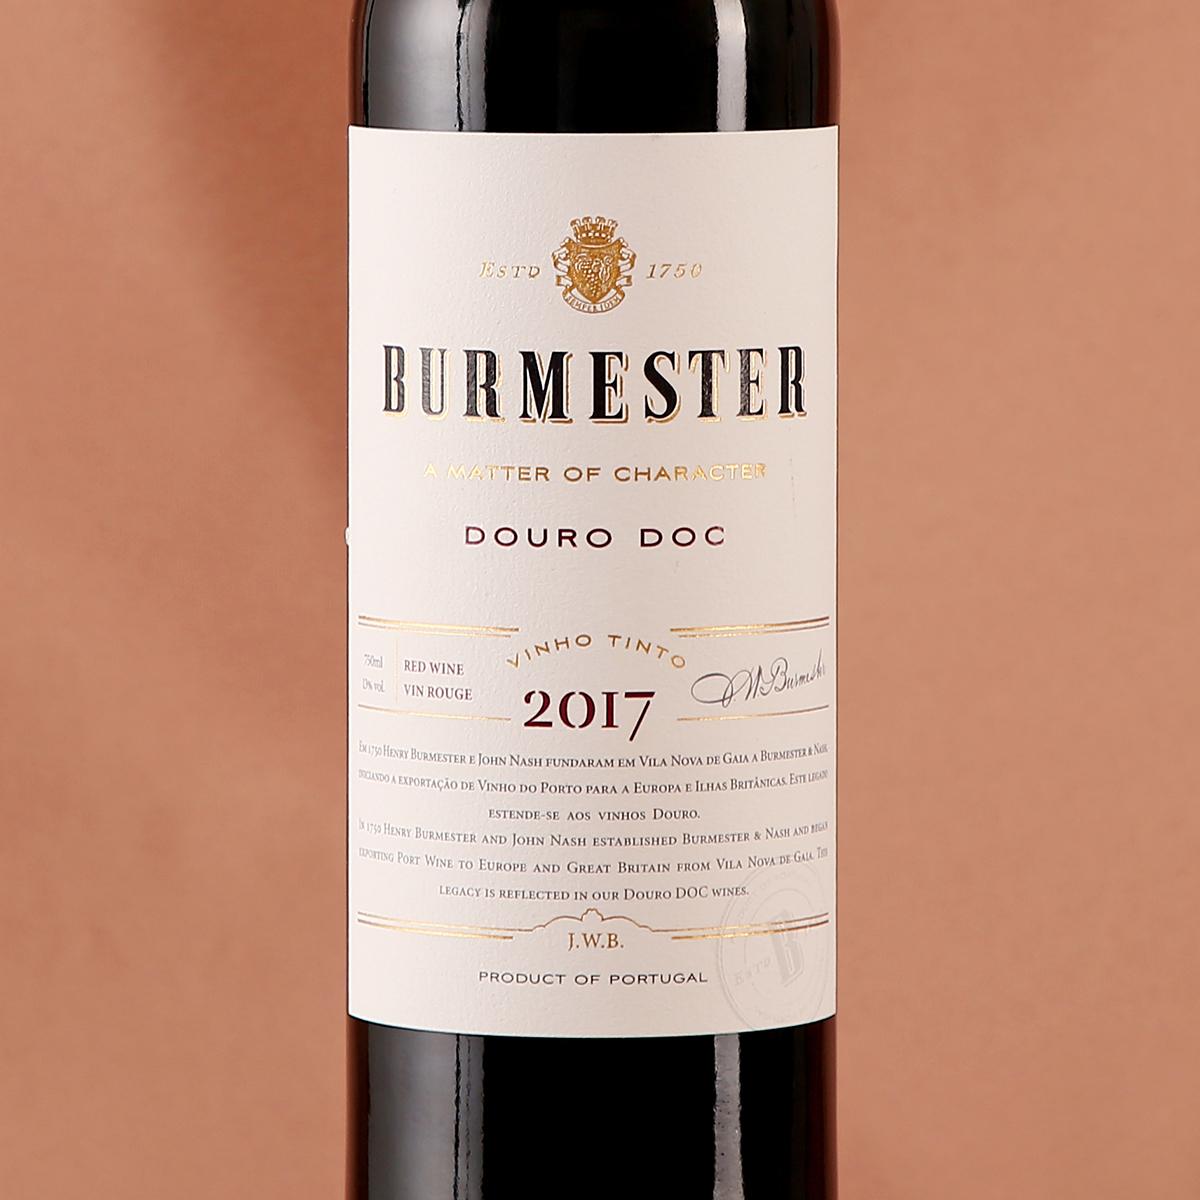 葡萄牙杜罗河伯美斯特DOC干红葡萄酒红酒